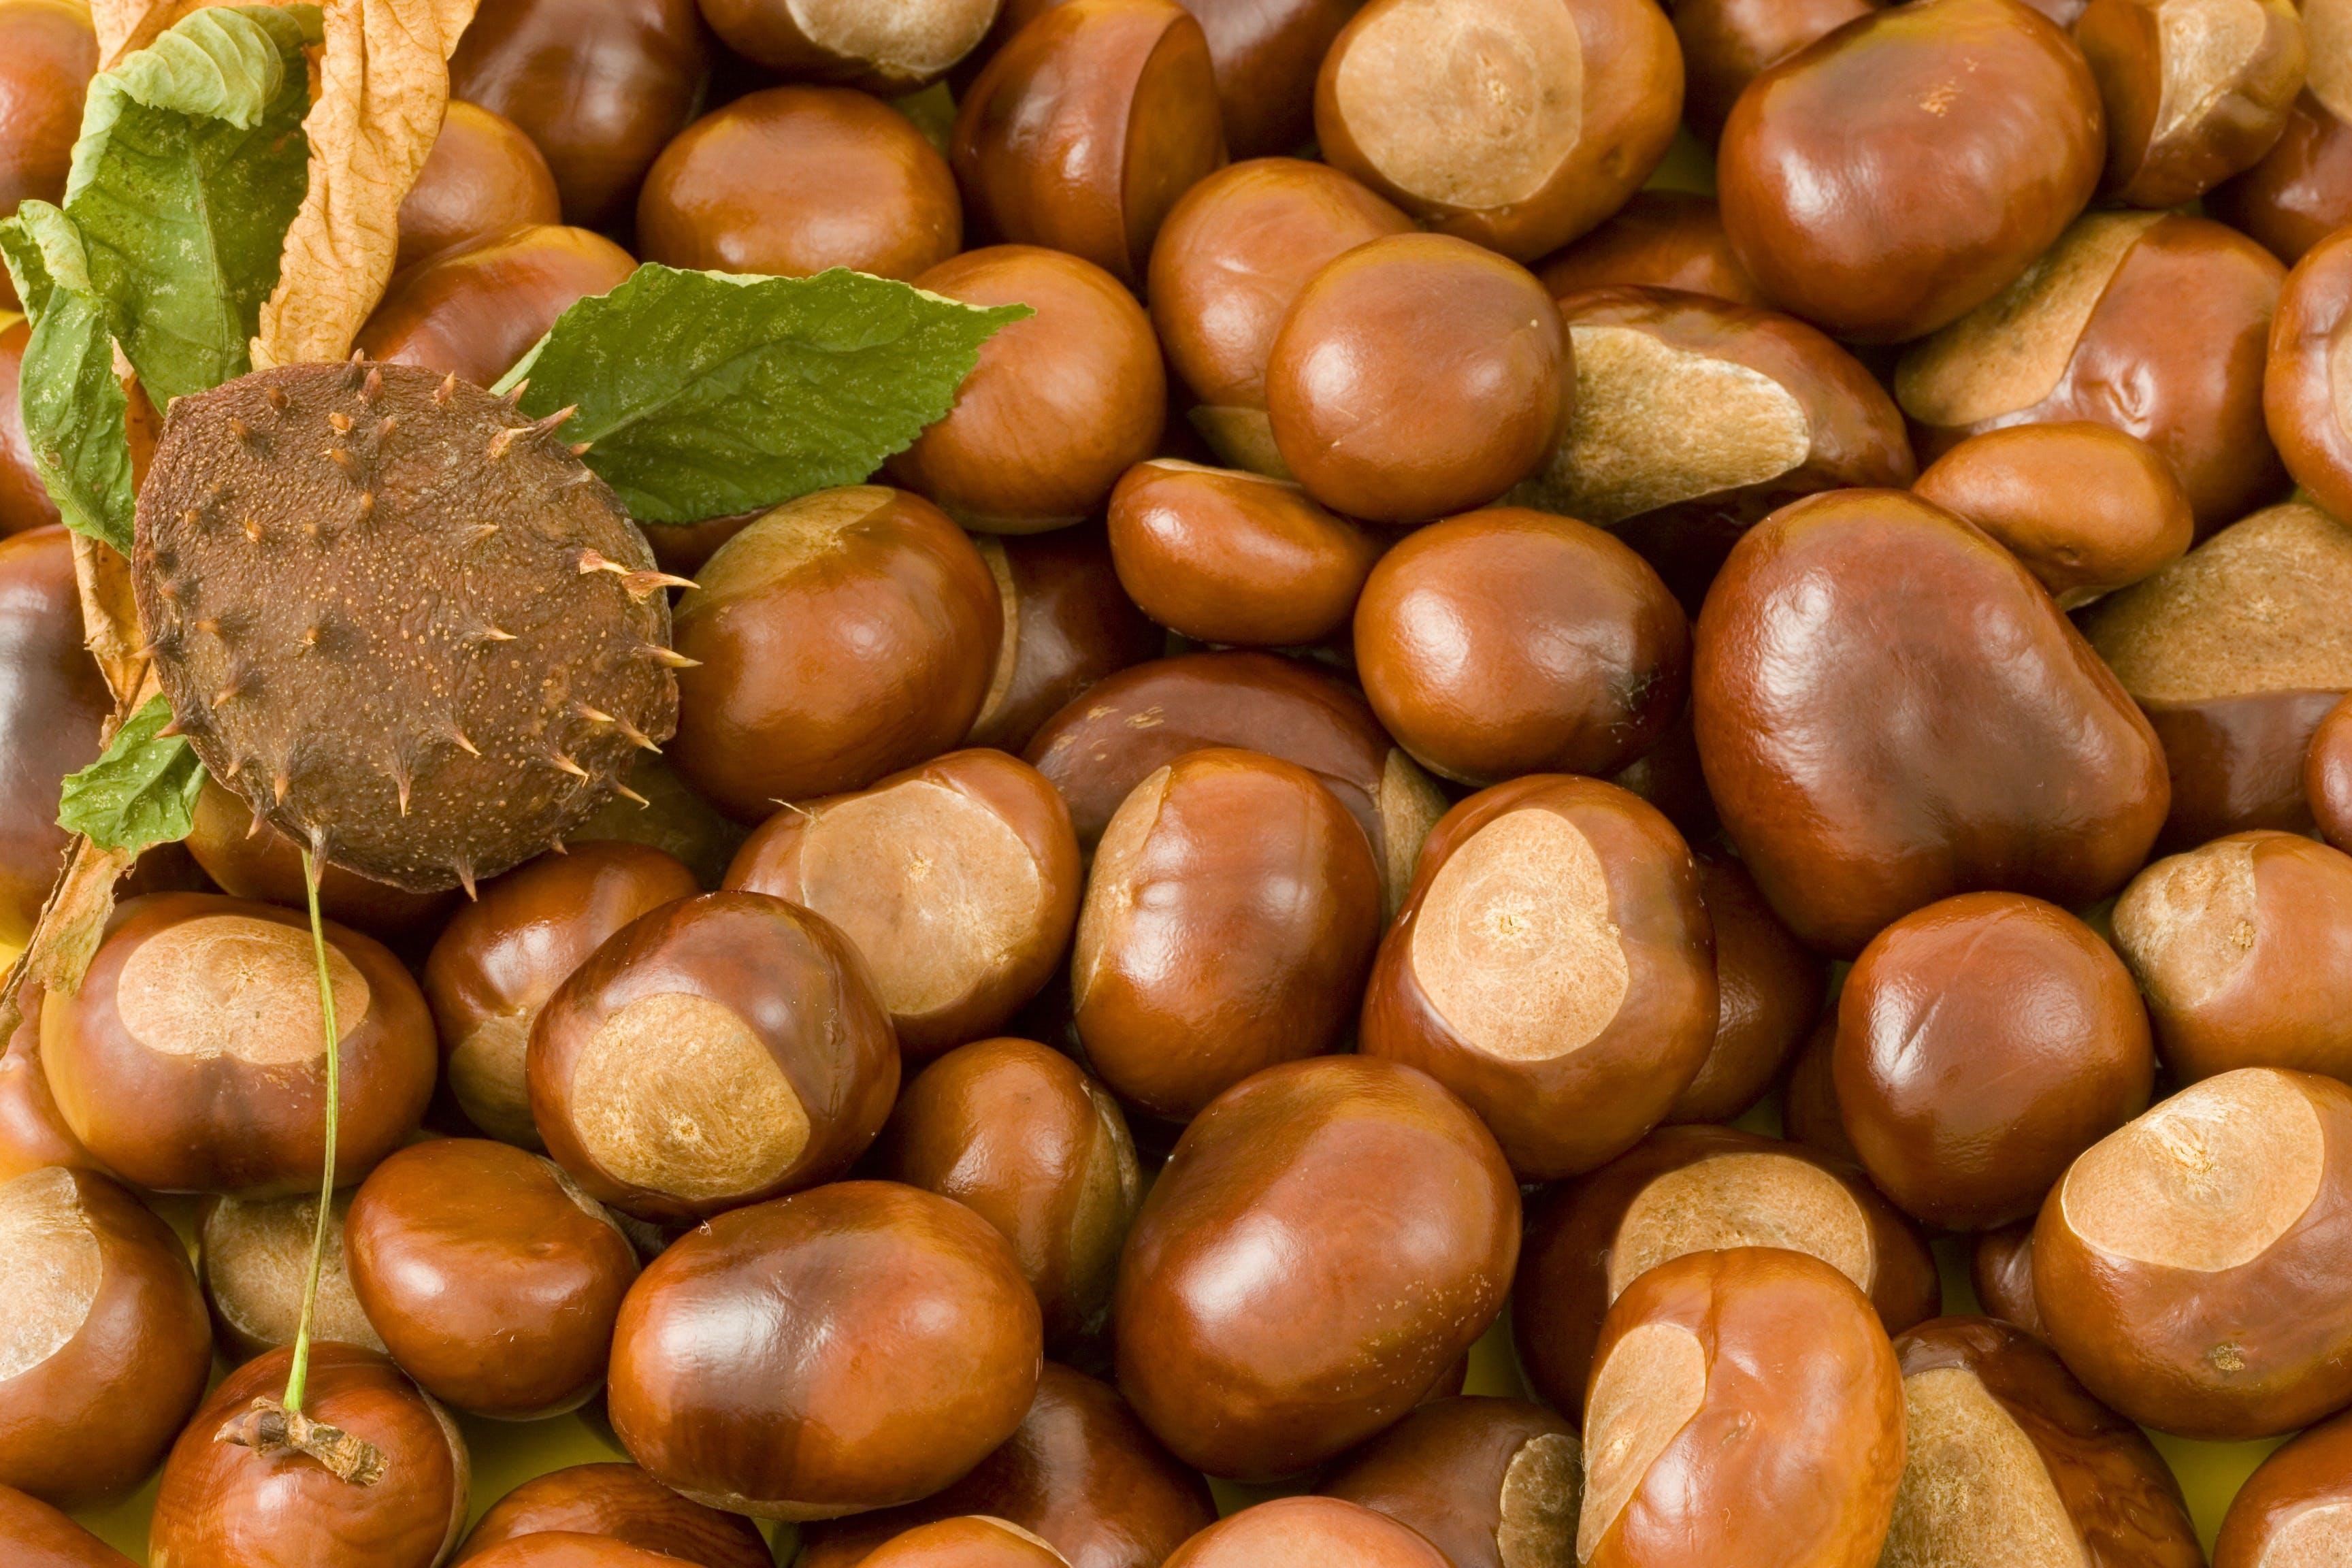 Btown Nuts